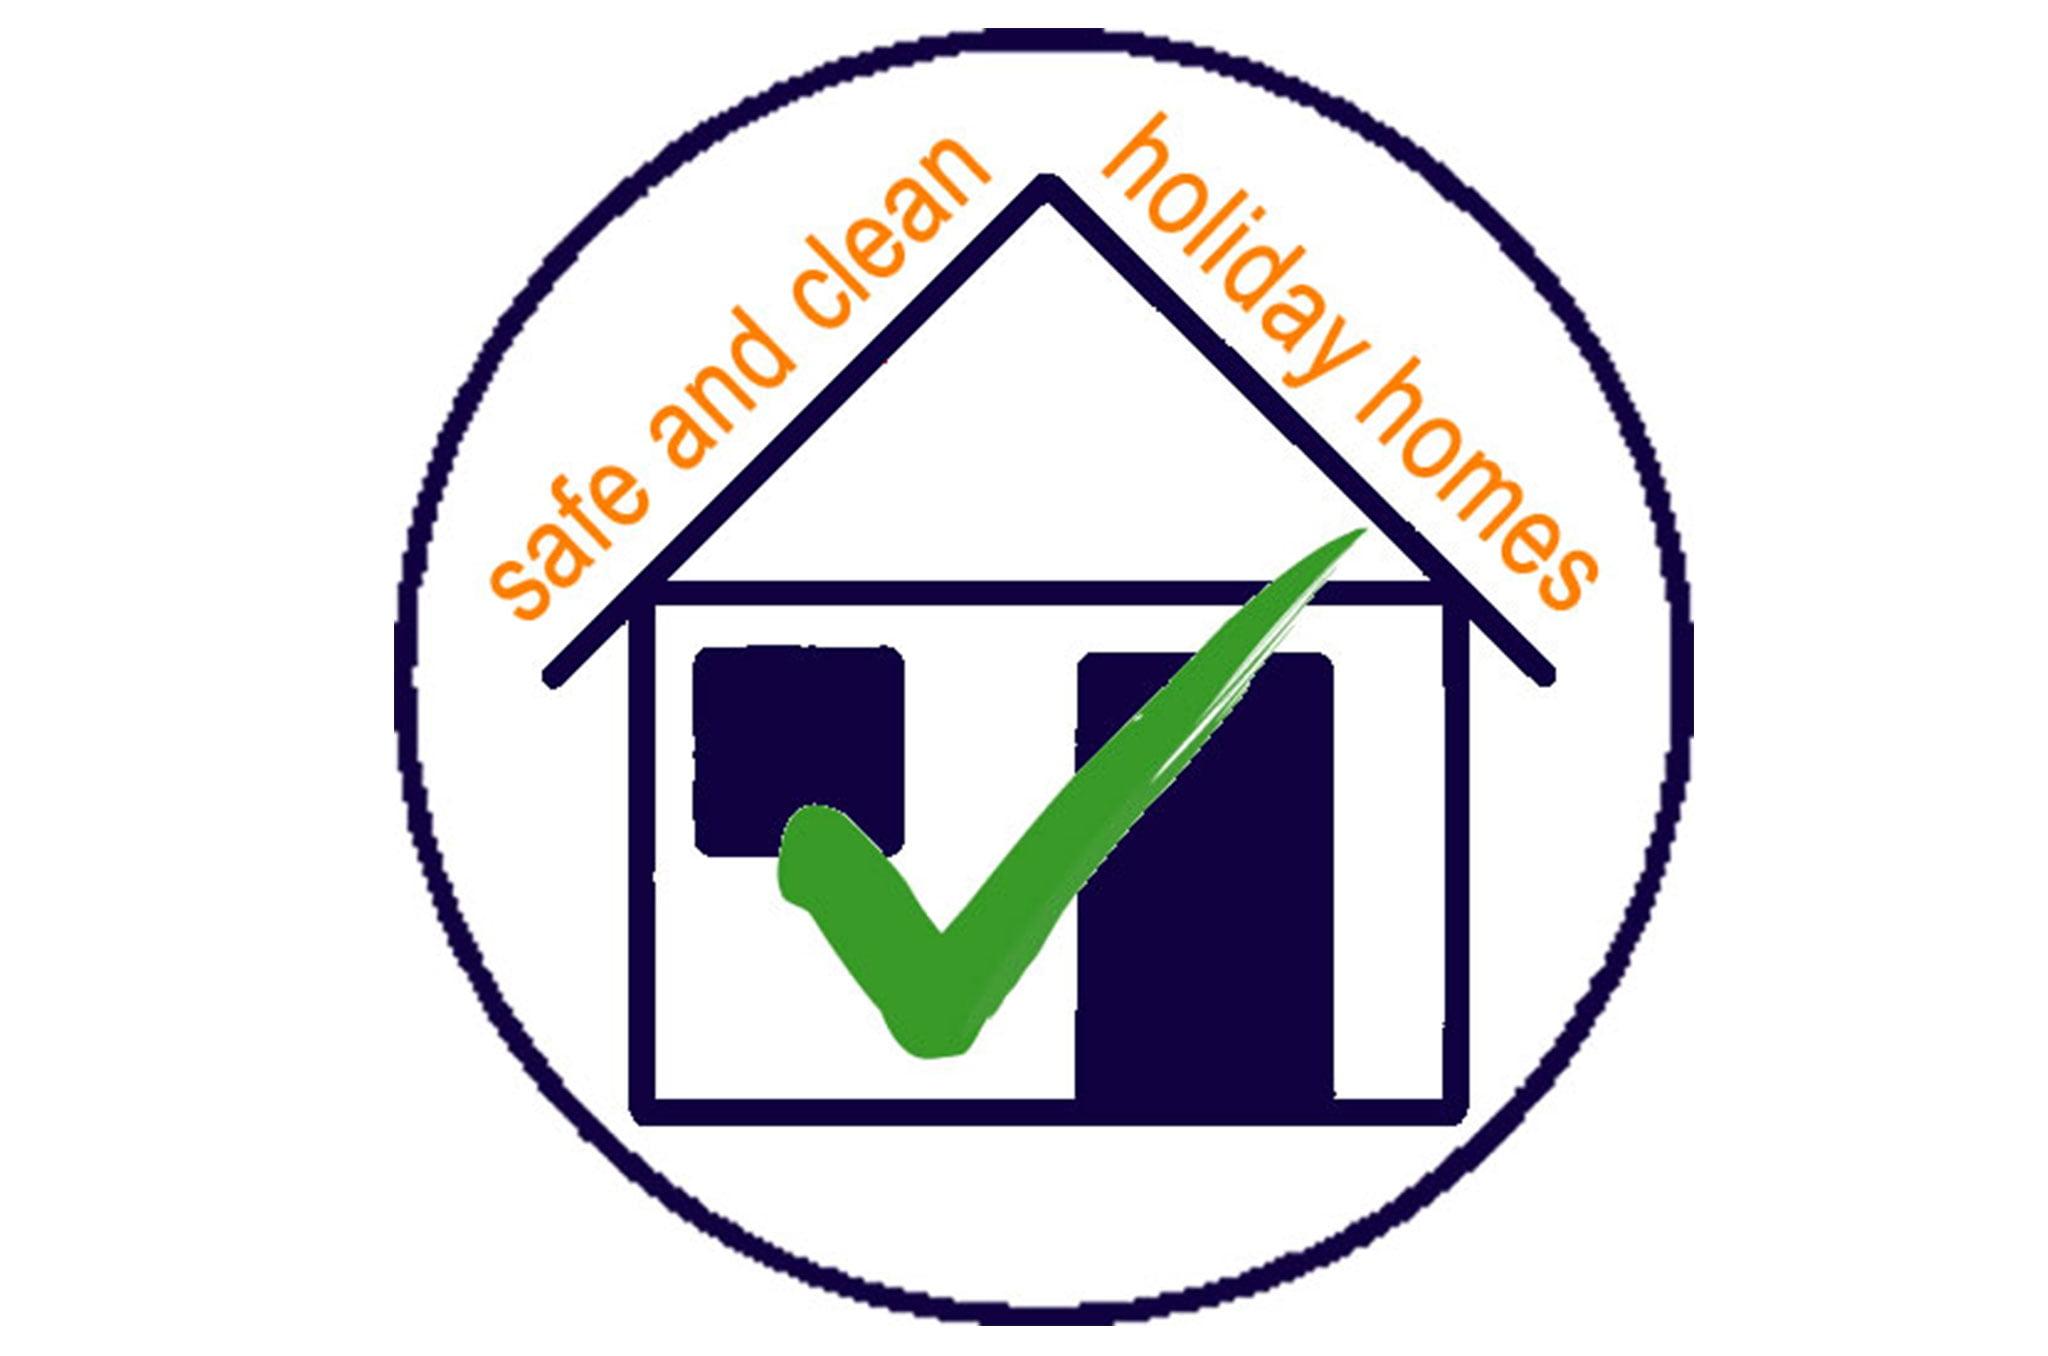 Logotipo de garantía Safe and Clean Holiday Homes